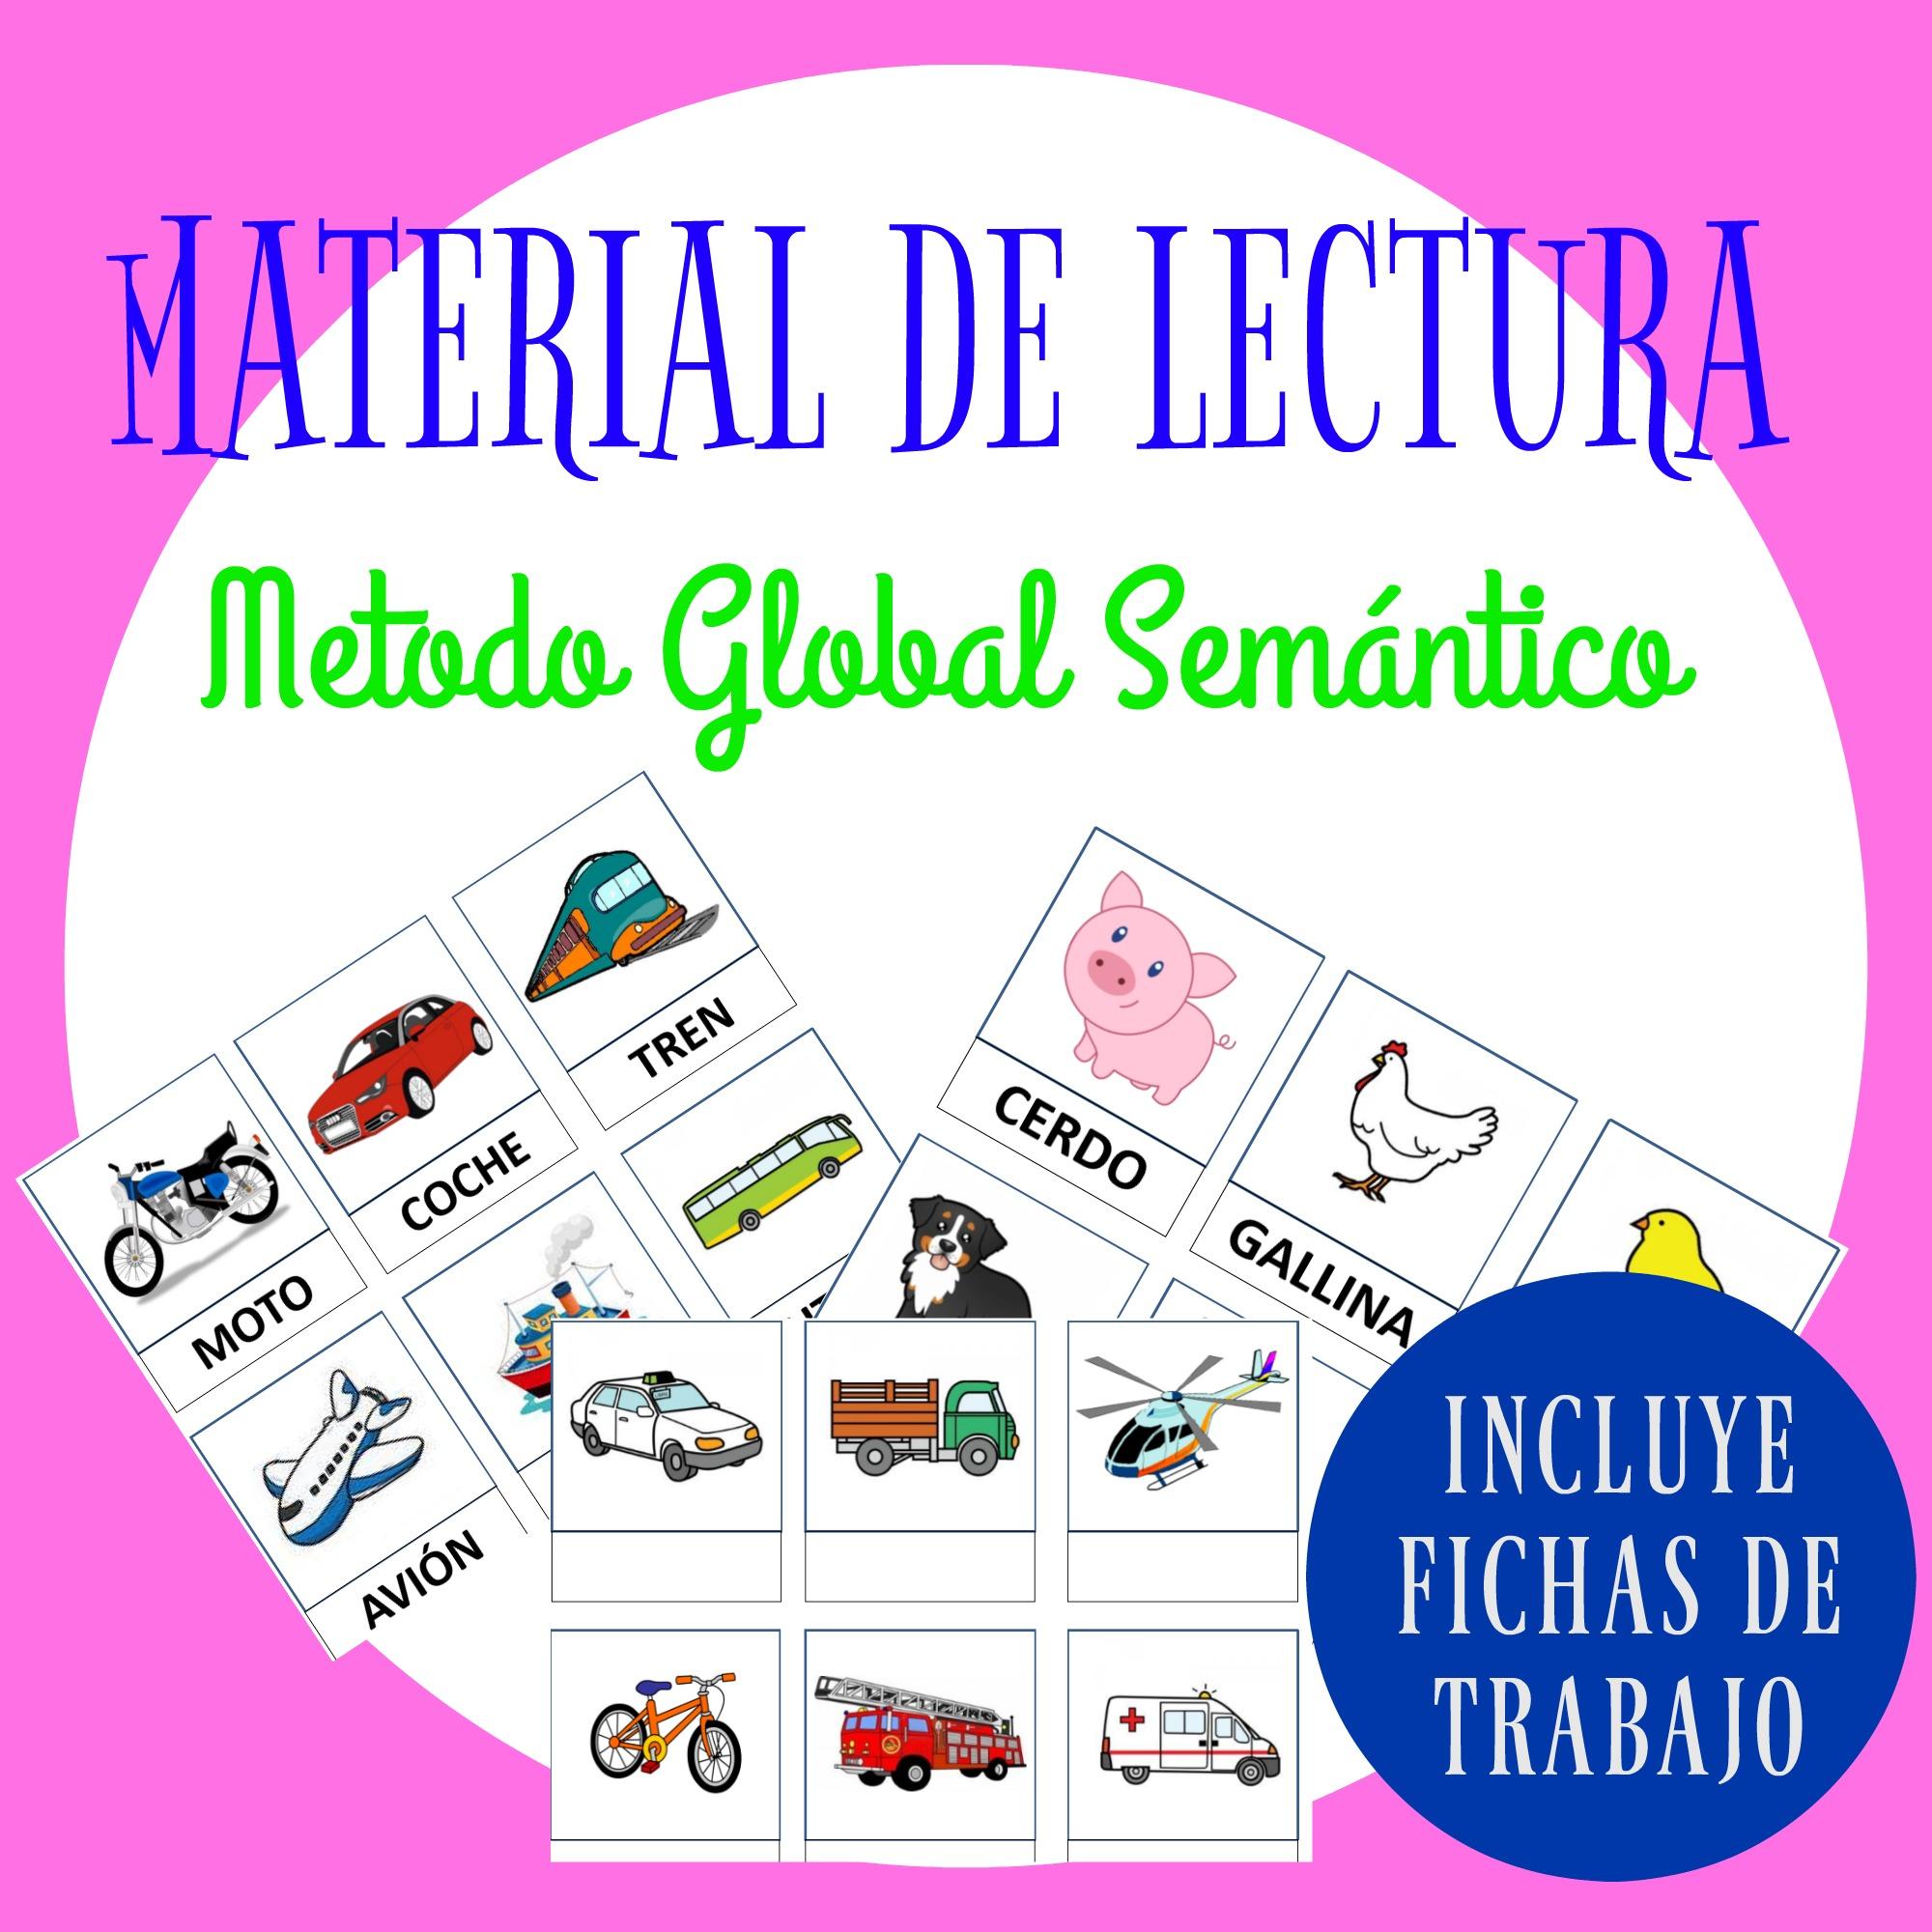 MATERIAL DE LECTURA MÉTODO GLOBAL SEMÁNTICO - Infosal